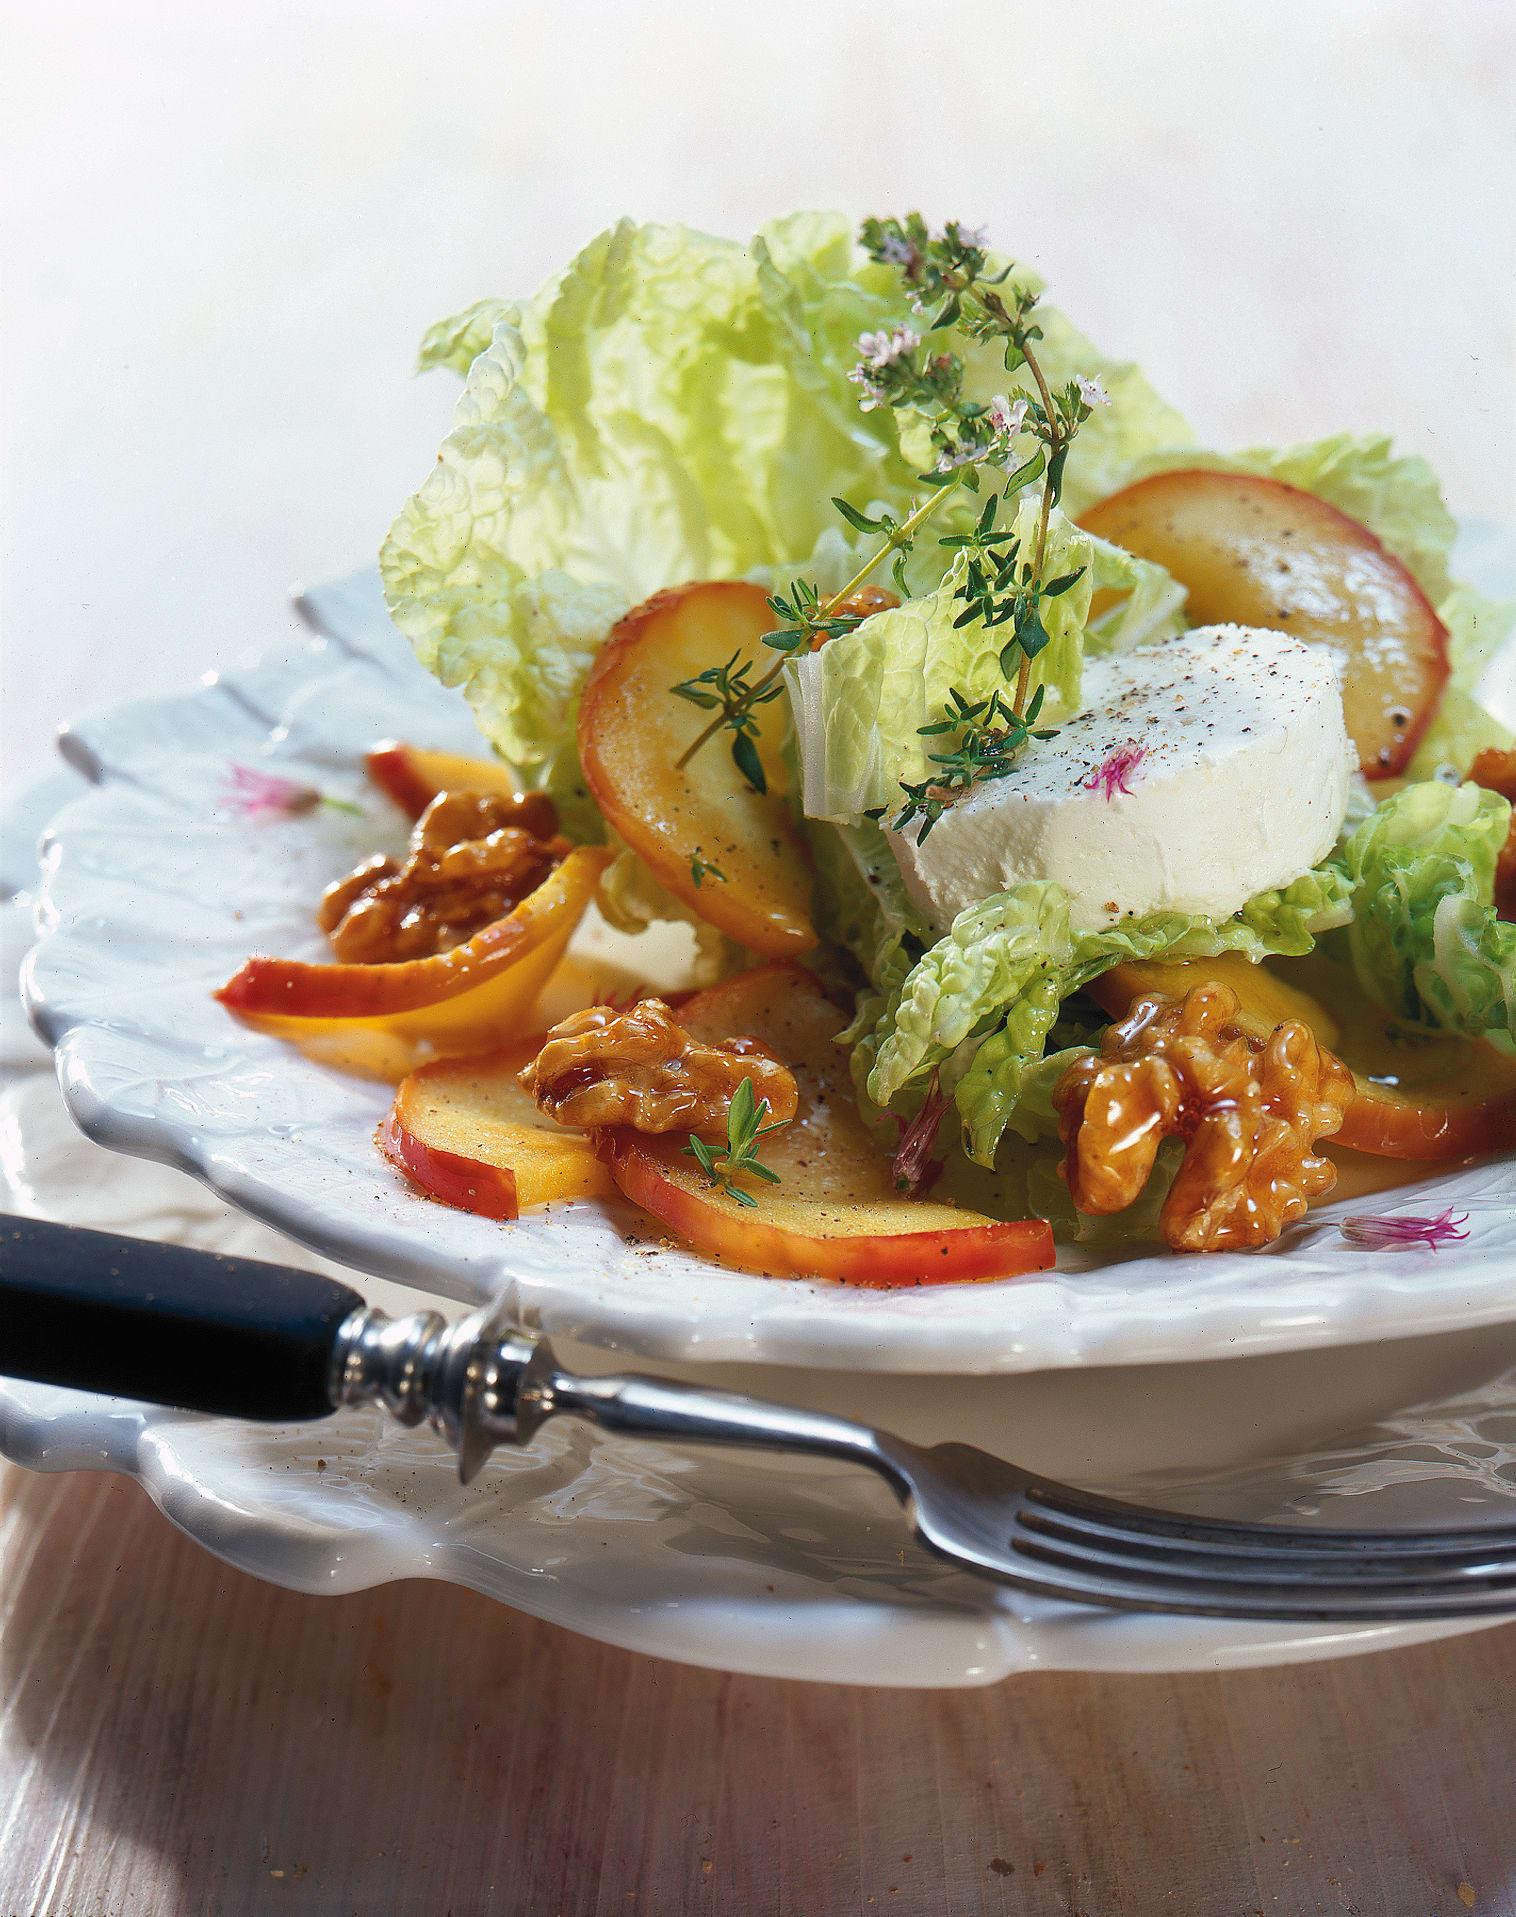 Salade de chou aux noix, aux pommes et aux formaggini